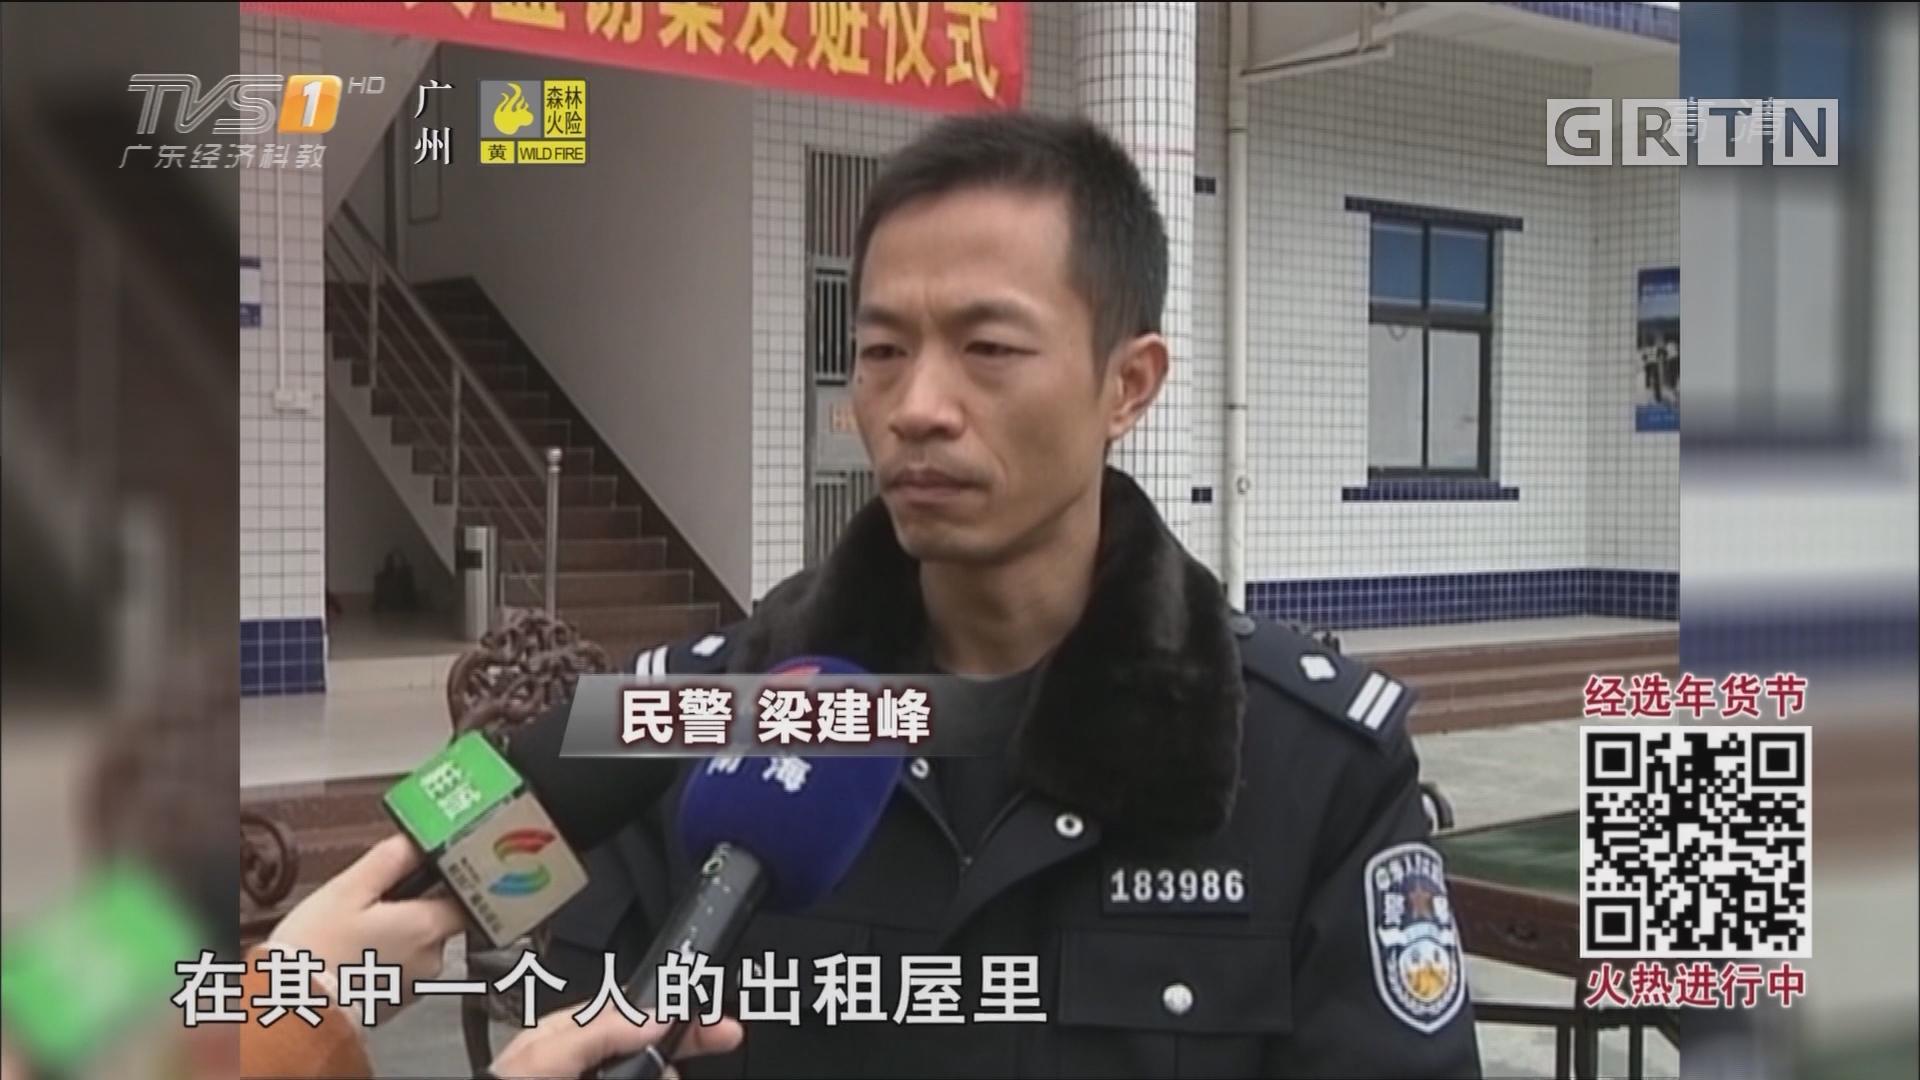 警方千里追贼 起获被盗酸枝家具